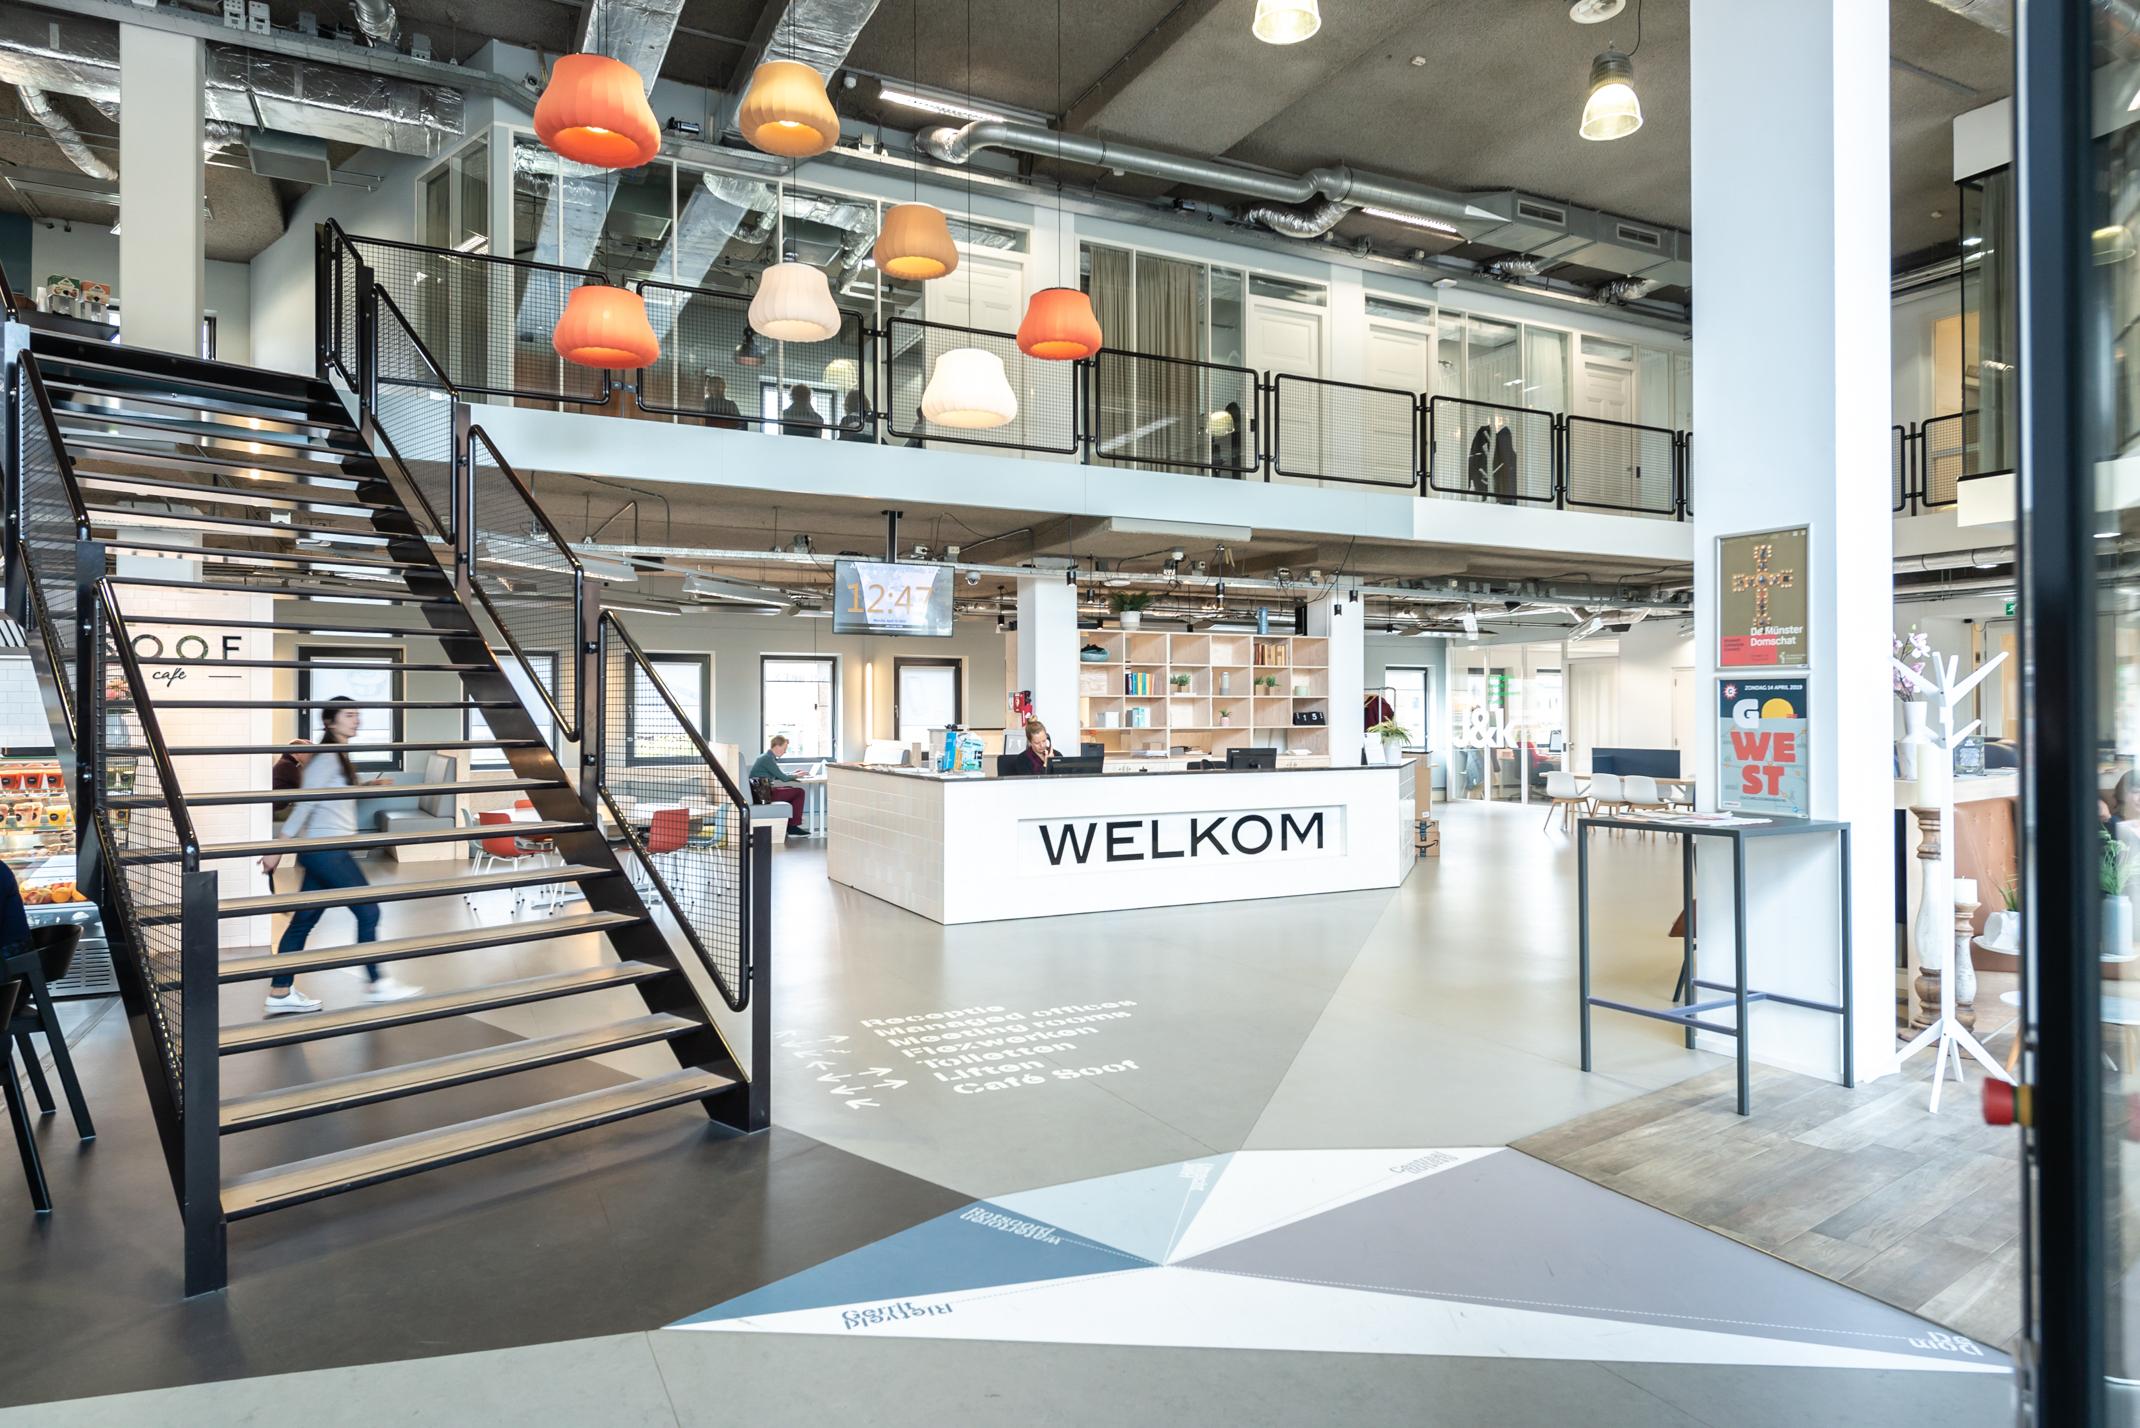 HNK kiest HEYDAY voor nieuw hospitality- en communityconcept voor HNK Utrecht CS